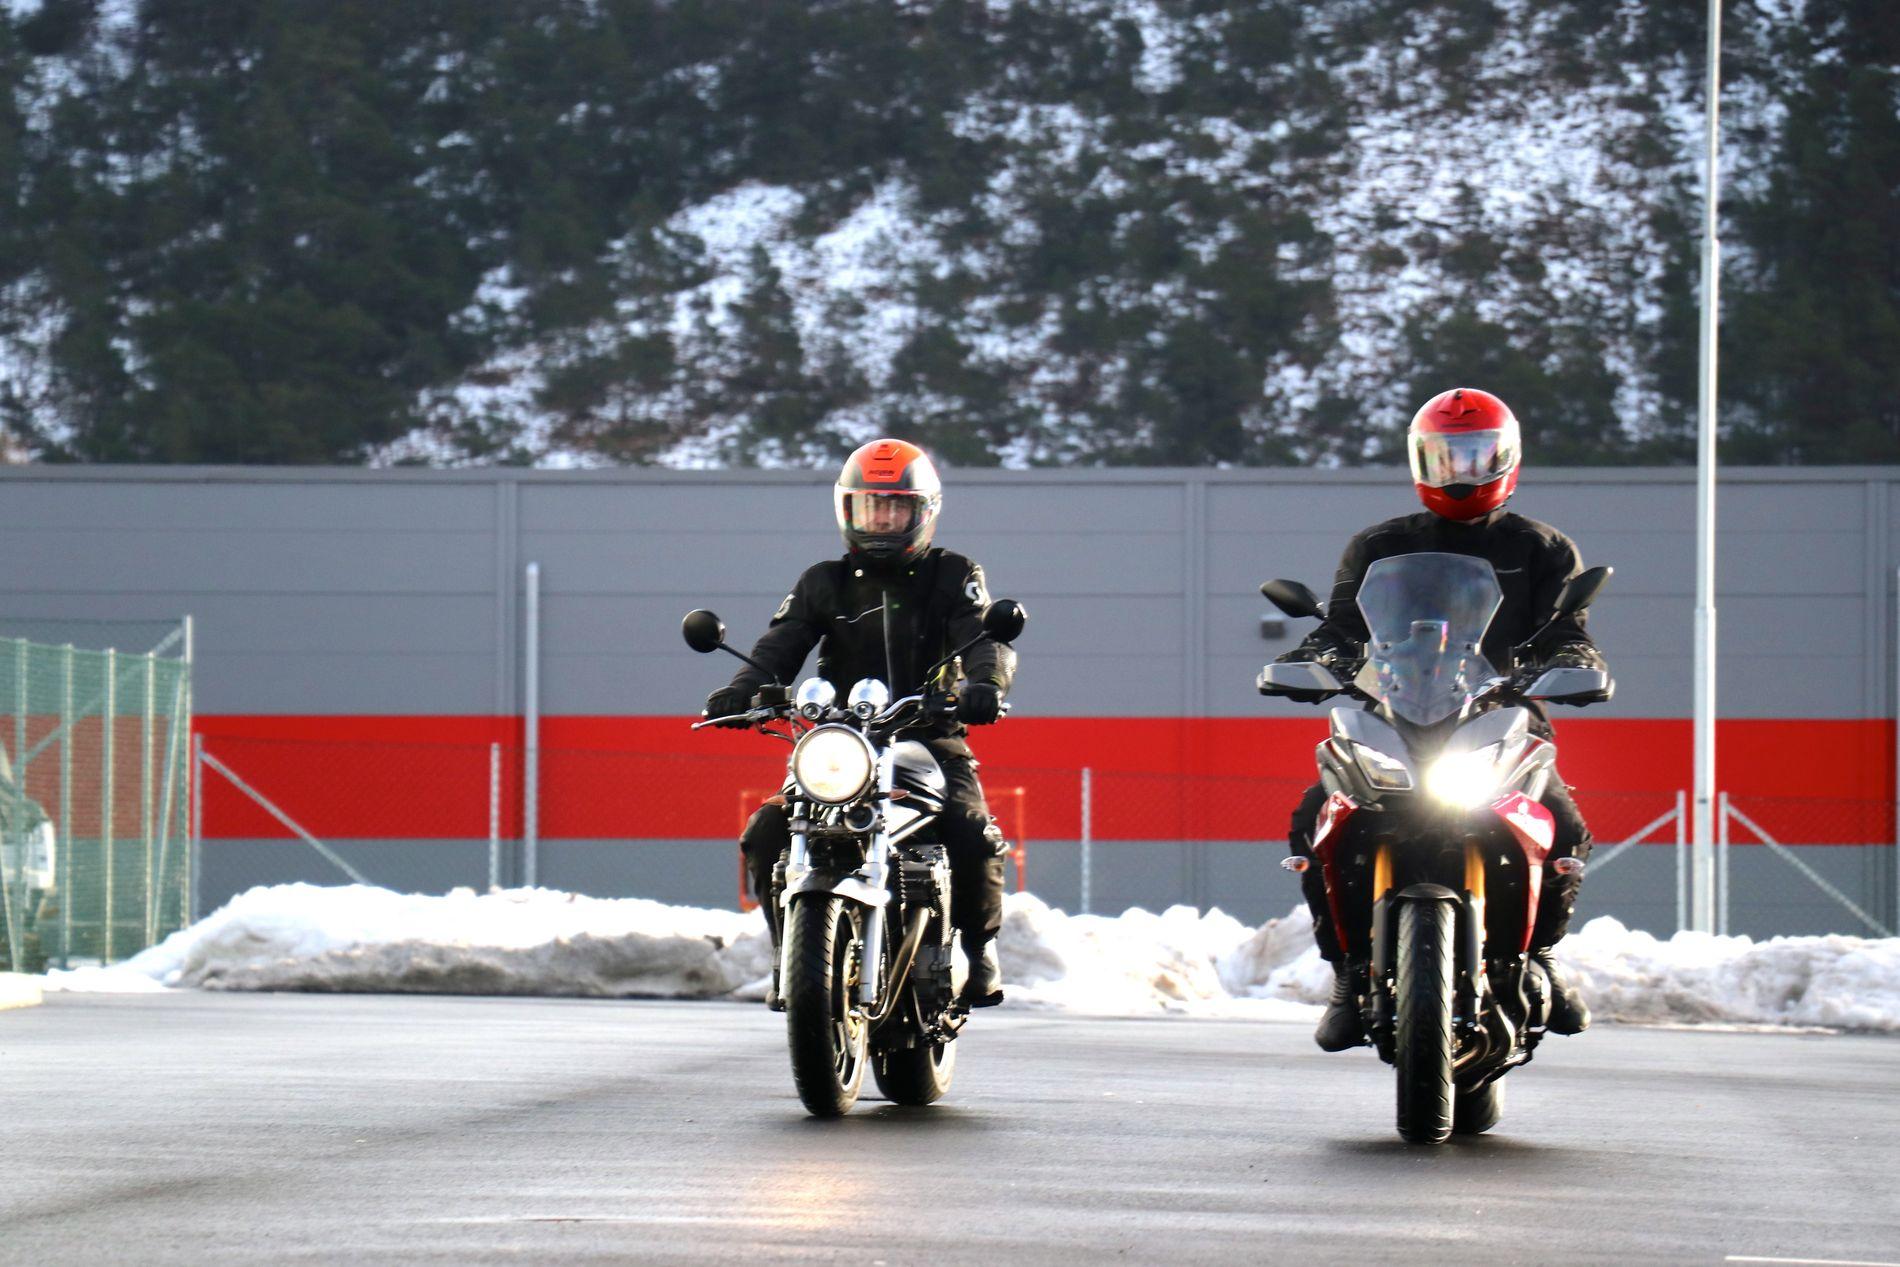 KJØPTE BRUKT: – Med lappen, sykkel og nødvendig sikkerhetsutstyr kom det på under 80 000 kroner. Men da kjøpte jeg sykkelen brukt, en 600 kubikk 1997-modell, sier Jostein Åsmul.